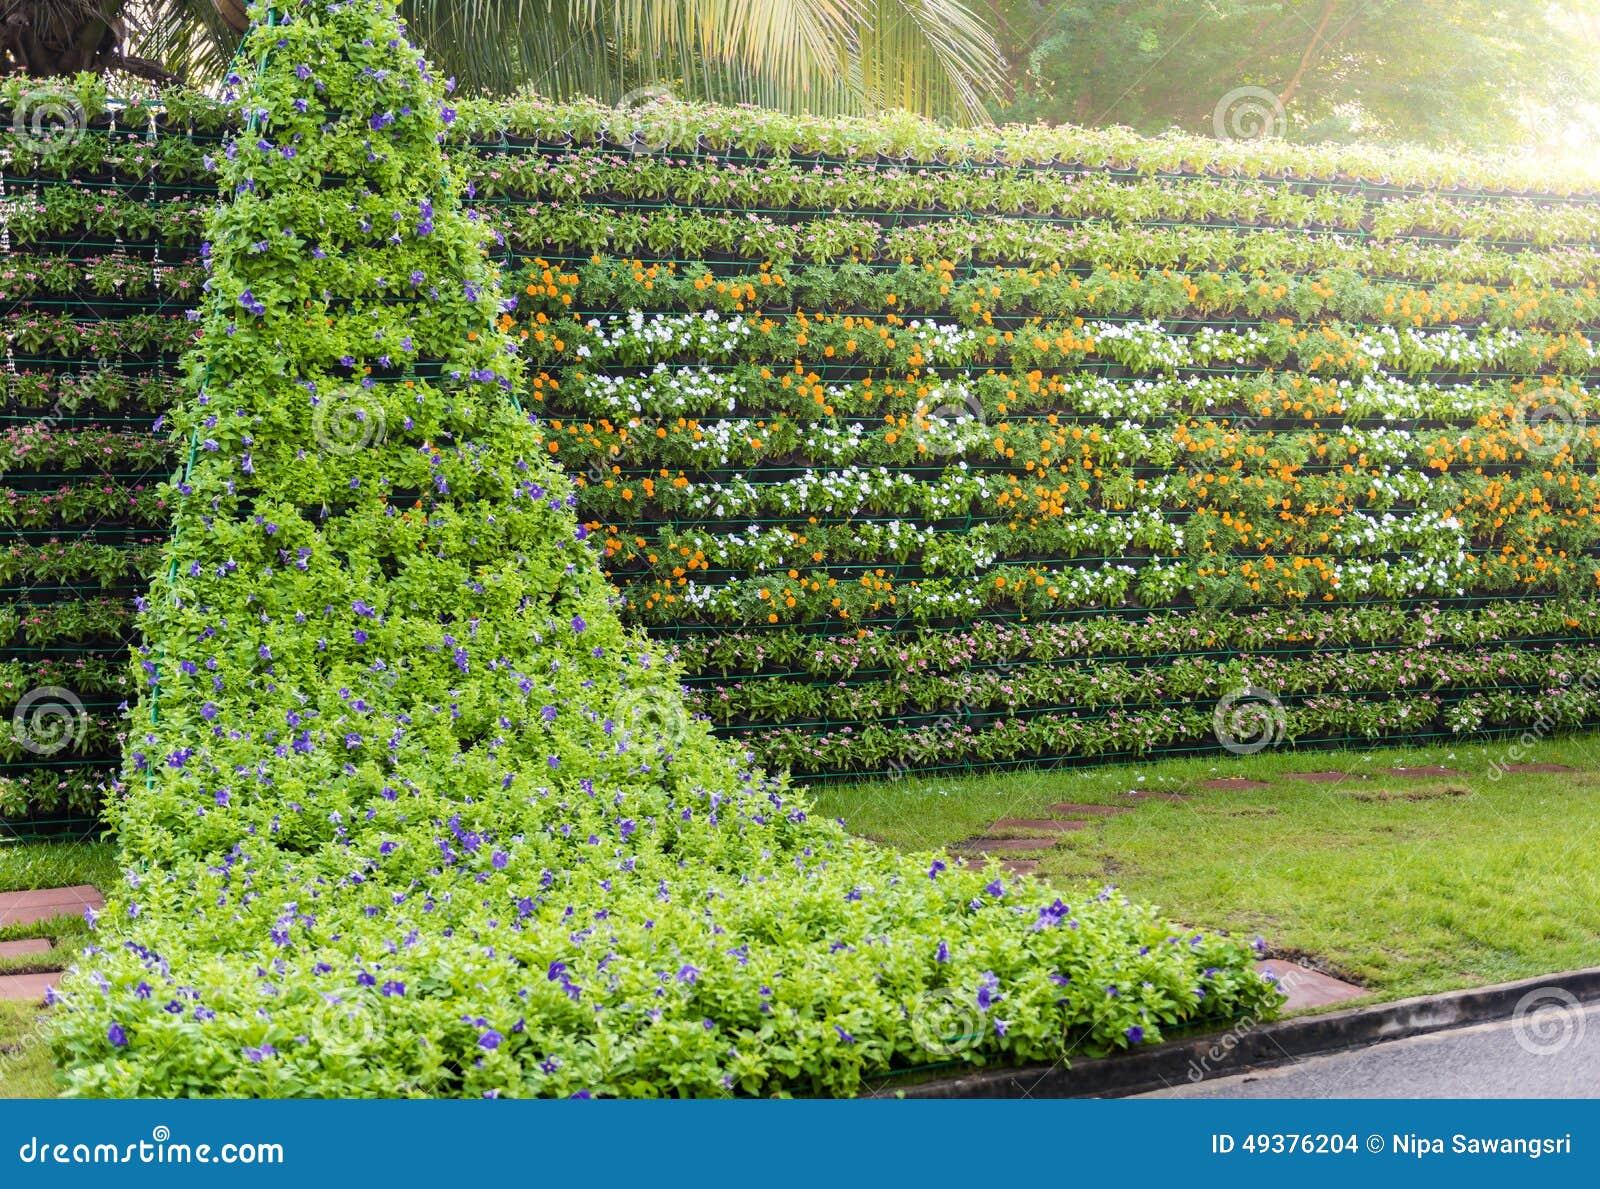 Flower wall vertical garden for Flower wall garden